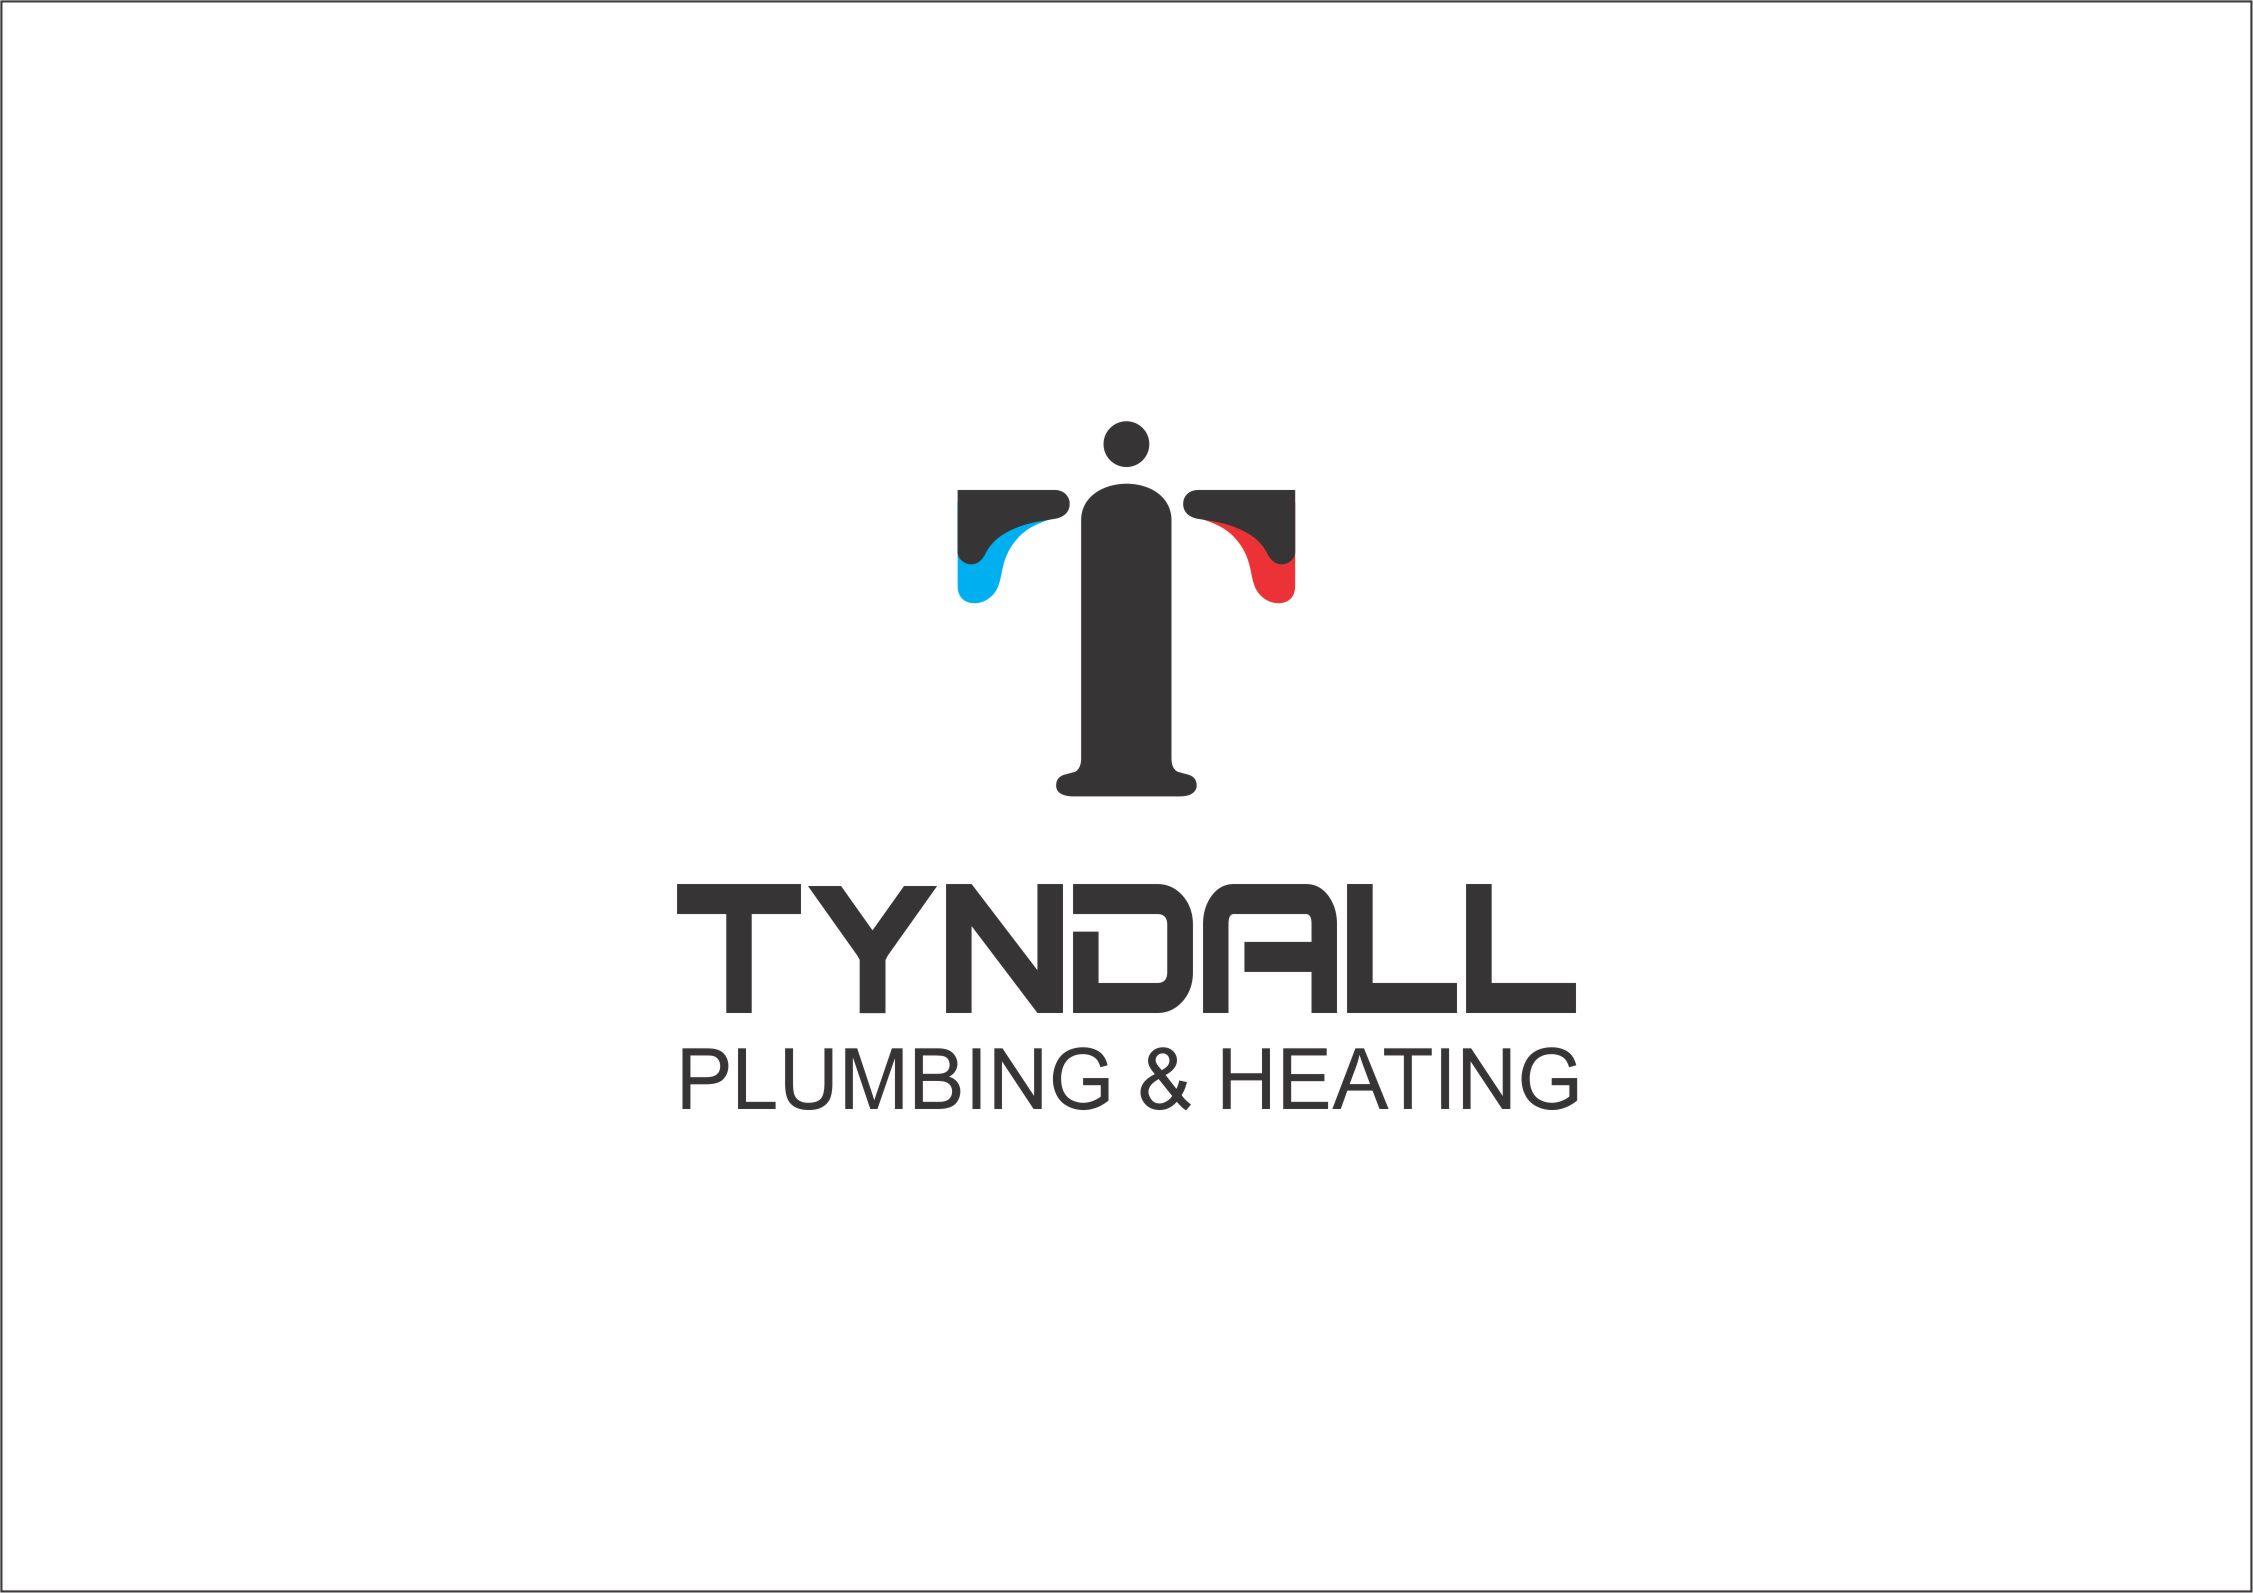 Logo Design by Nikola Kapunac - Entry No. 100 in the Logo Design Contest Imaginative Logo Design for Tyndall Plumbing & Heating.